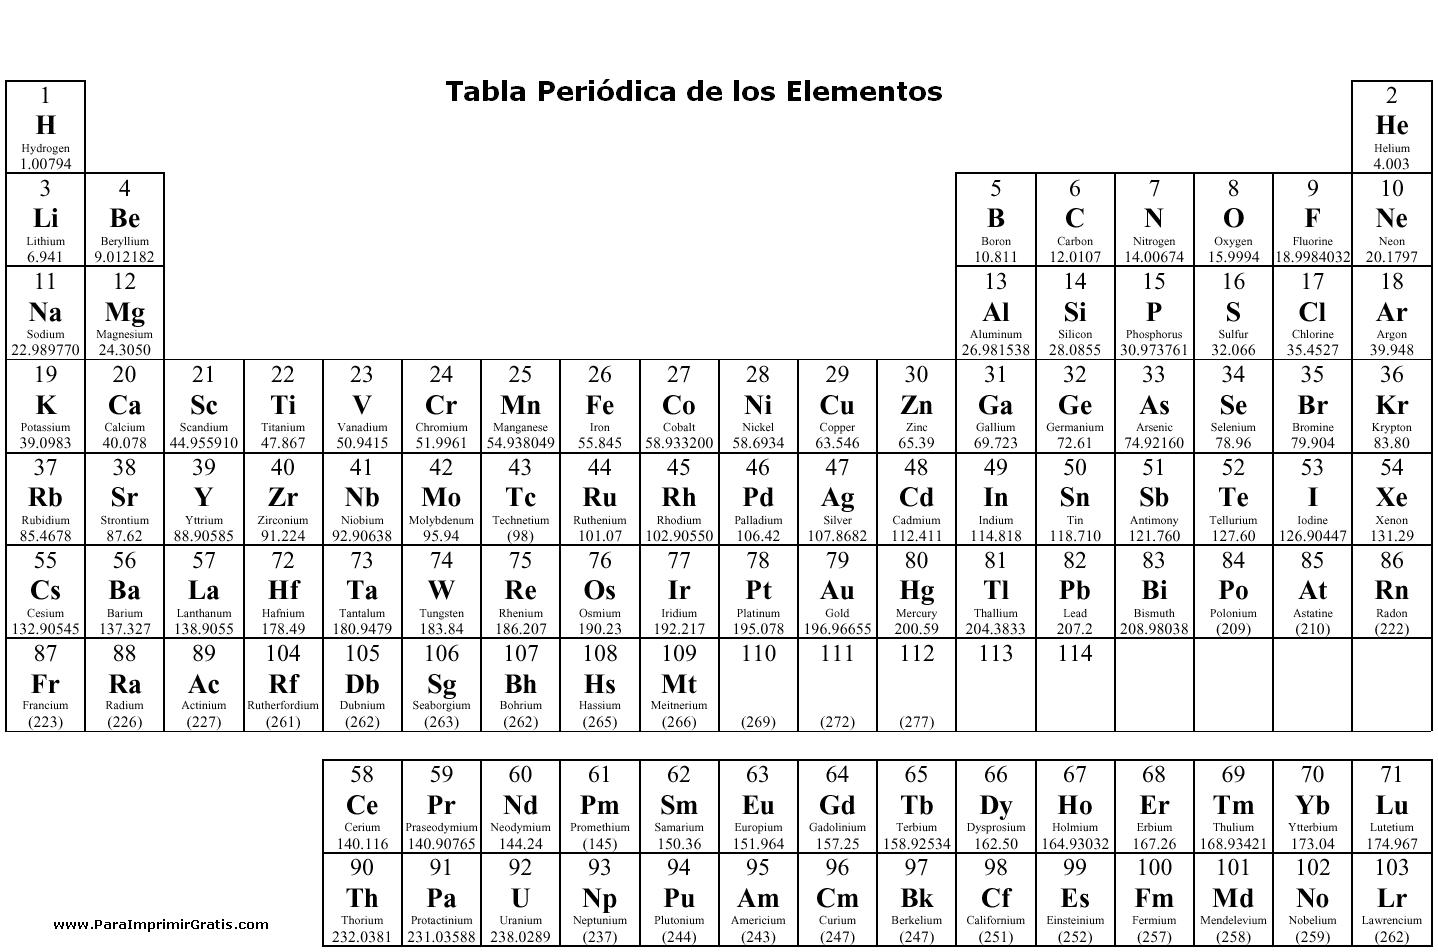 Tabla periodica con el nombre de los elementos para imprimir image tabla periodica con sus nombres para imprimir choice image tabla periodica sin nombres para imprimir choice urtaz Choice Image